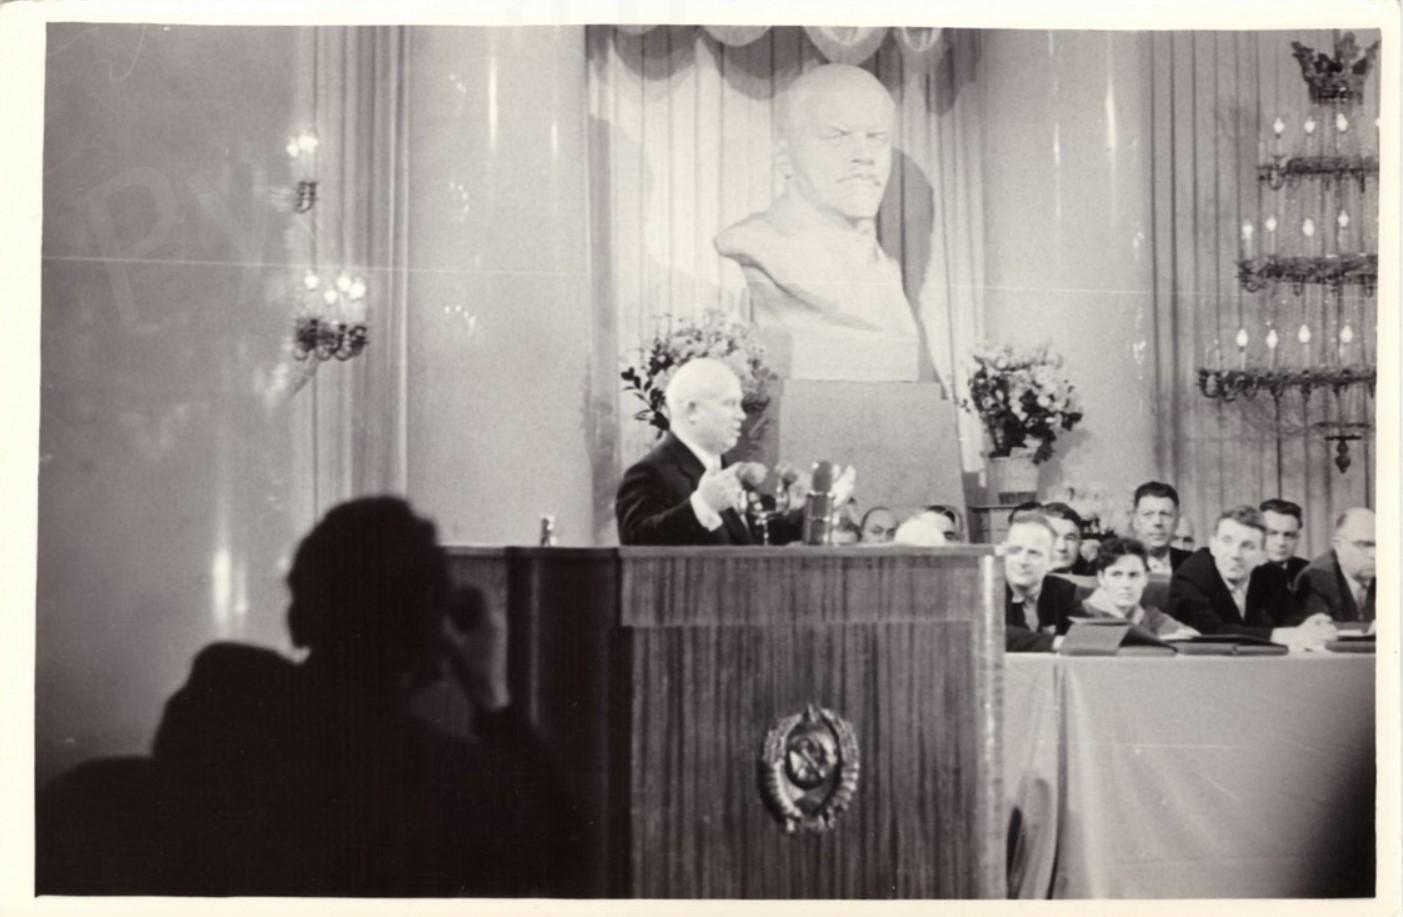 1950-е. Комовский А.Г. «Выступление Н.С. Хрущёва».